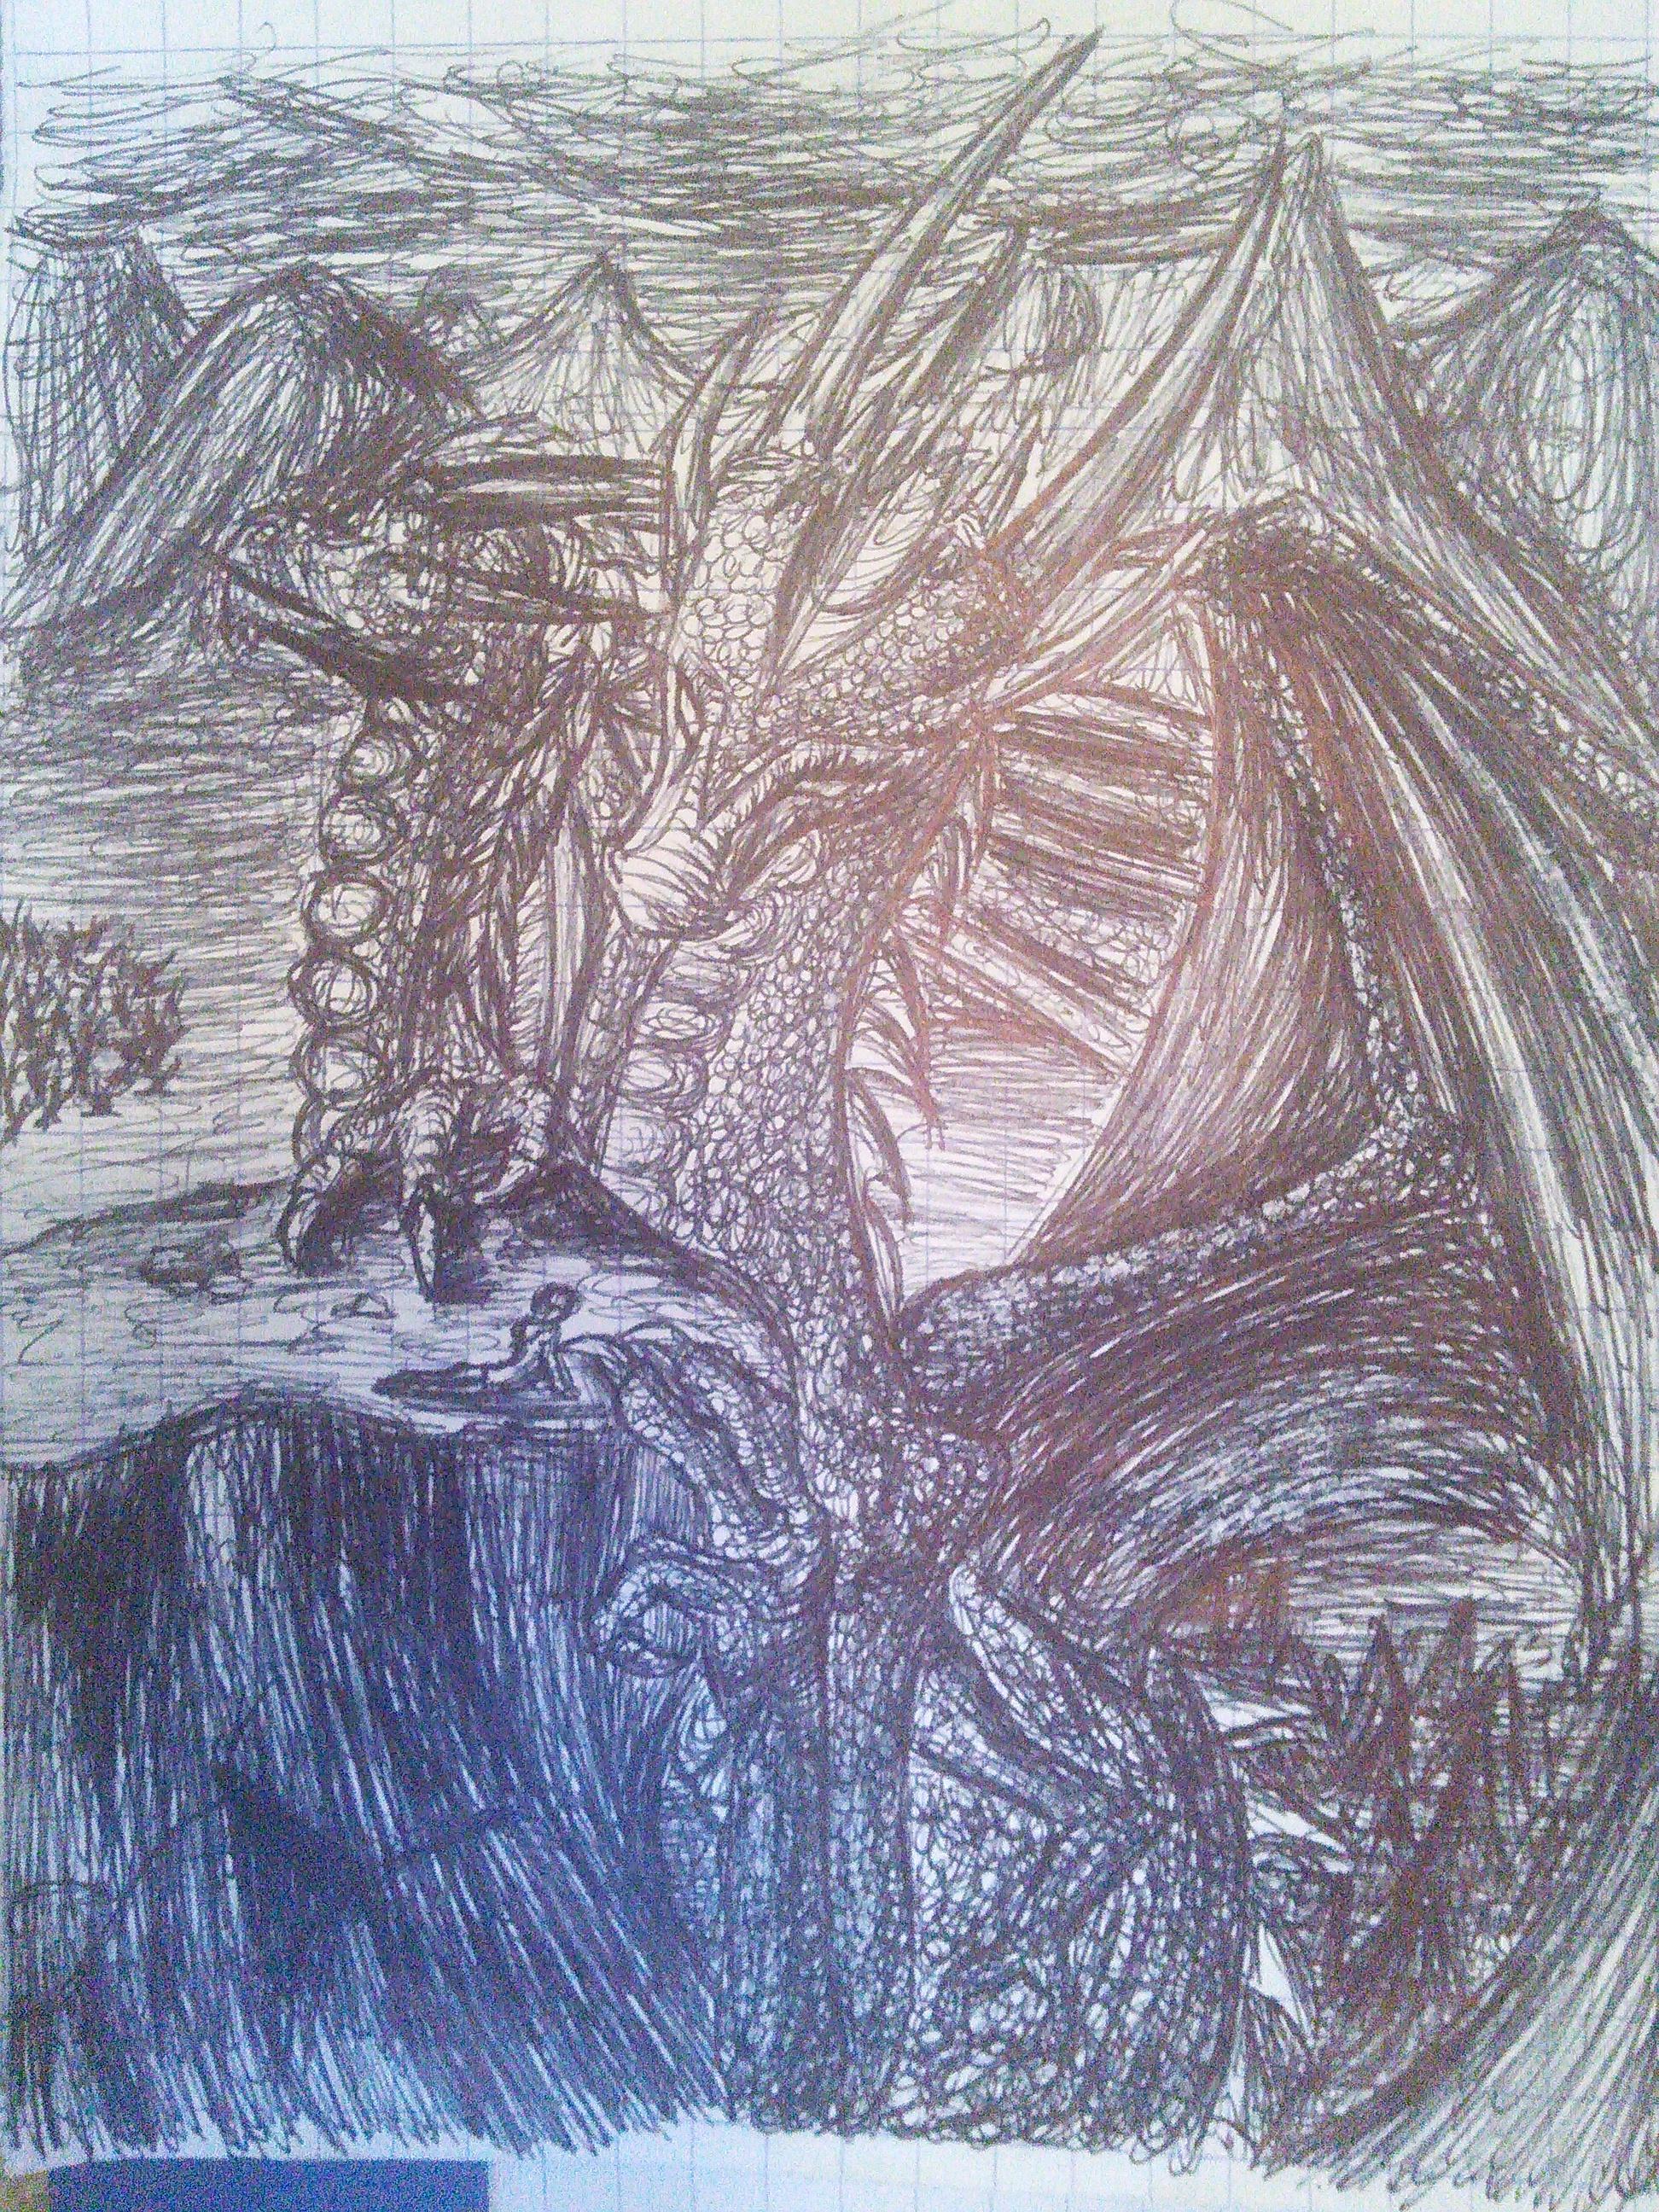 Doodle - Dragon I by paenkeks